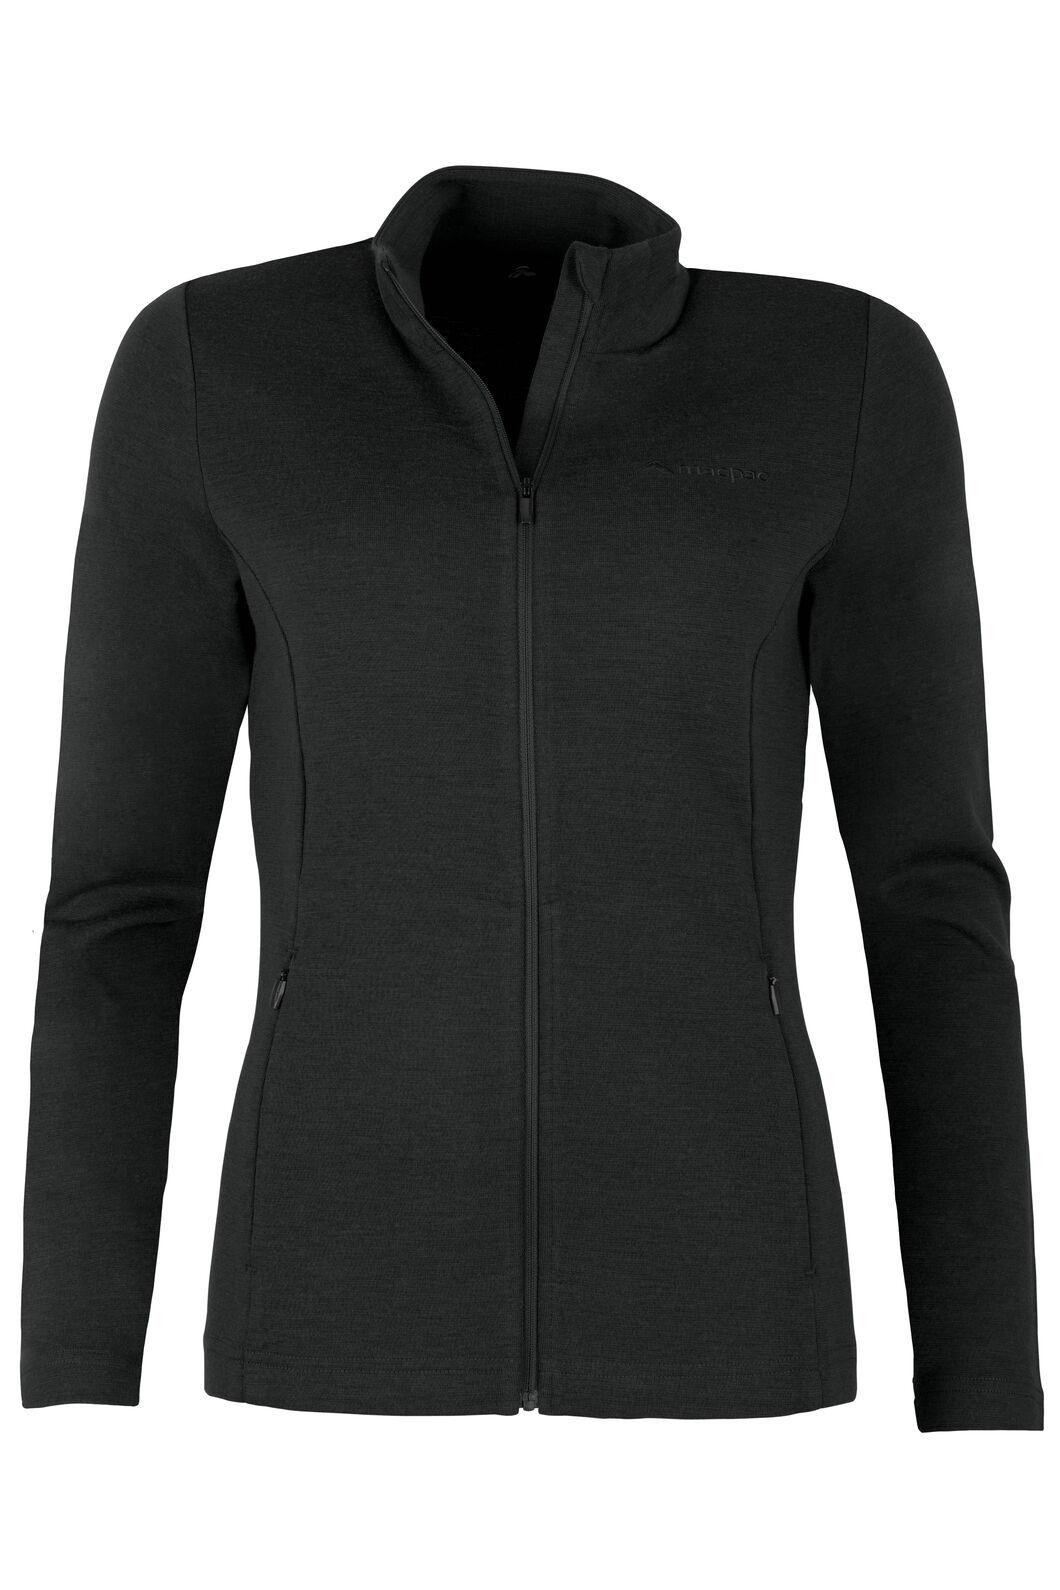 Brunner 390 Merino Jacket - Women's, Black, hi-res